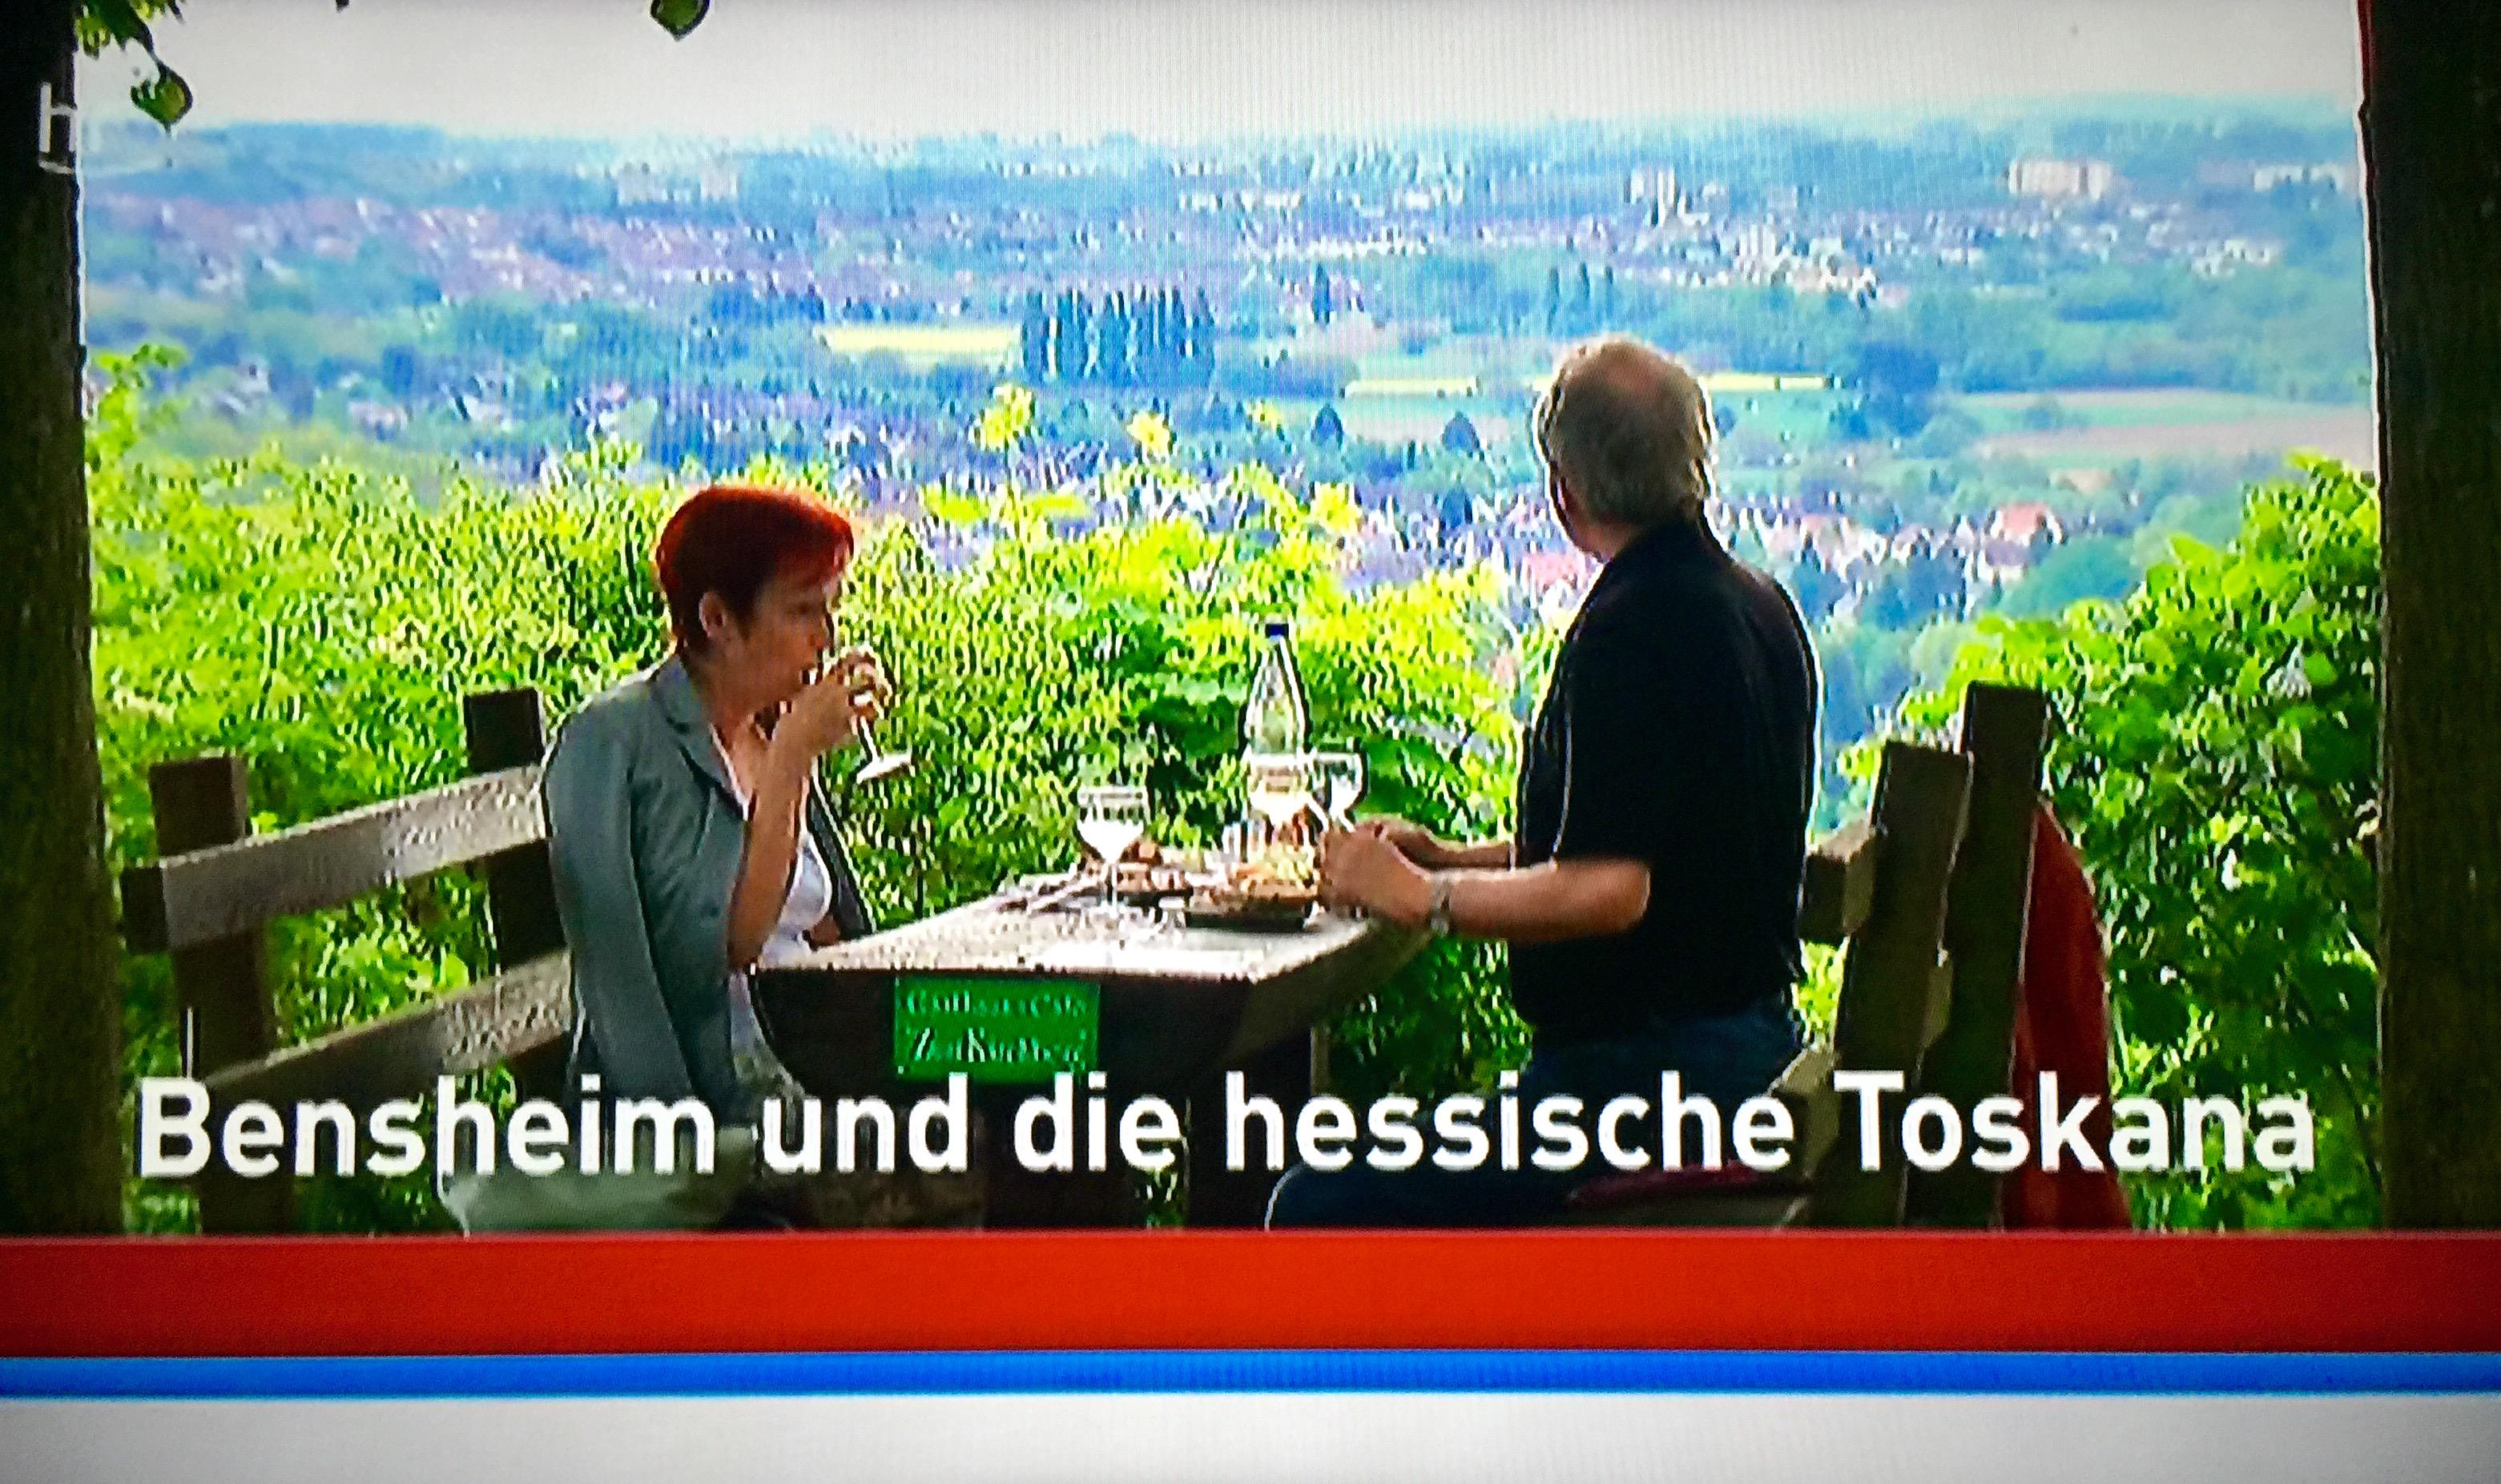 Sommerküche Kronen Zeitung : Medienkorrespondenz: heimat rundfunk hr: 1001 sendung die ein hesse